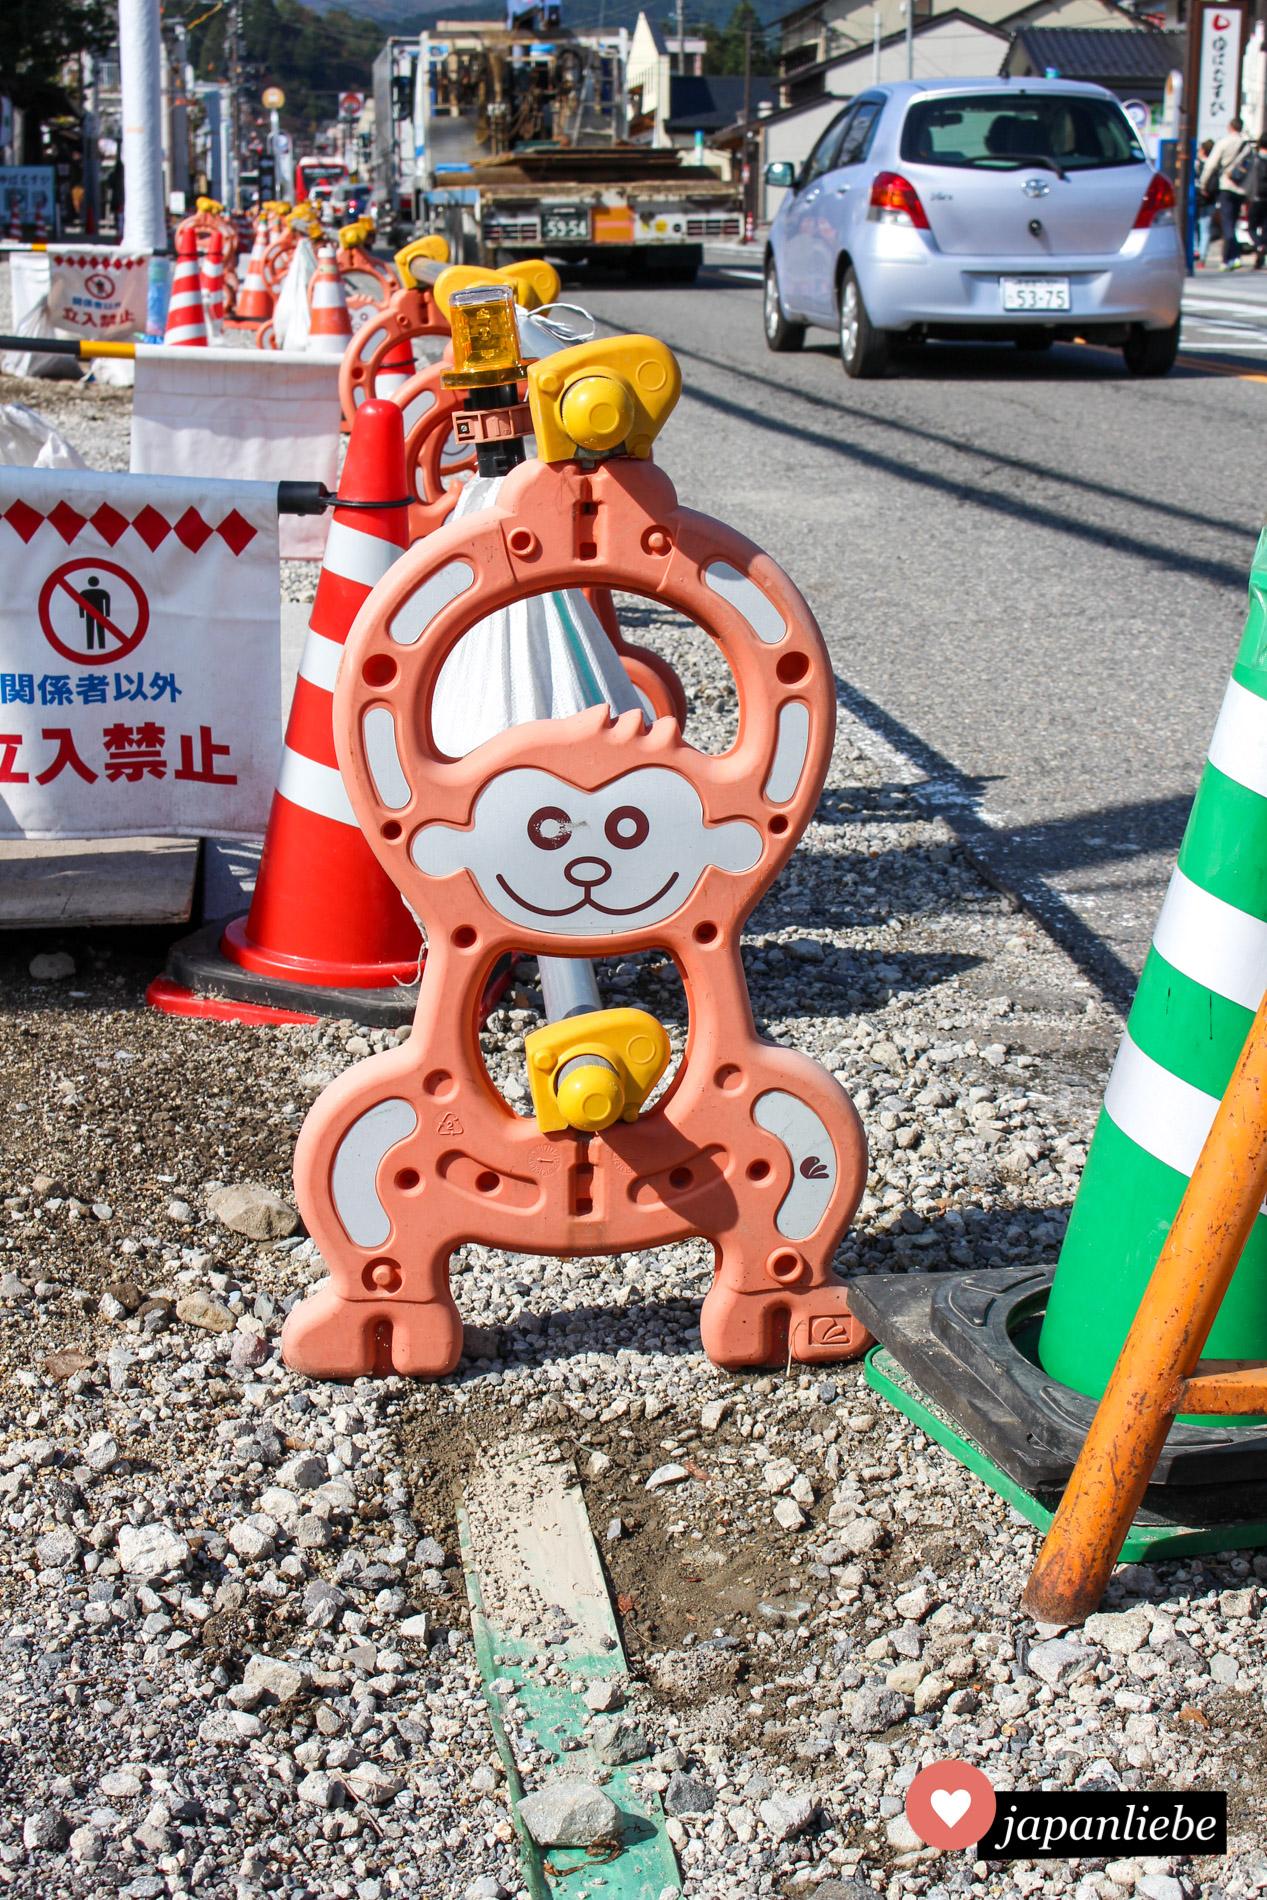 Ganz klar, in Nikkō, das berühmt ist für seine drei Affen (nicht sehen, nichts hören, nichts sprechen) kommen die Absperrungen am Rand der Straße natürlich als süße Äffchen daher.